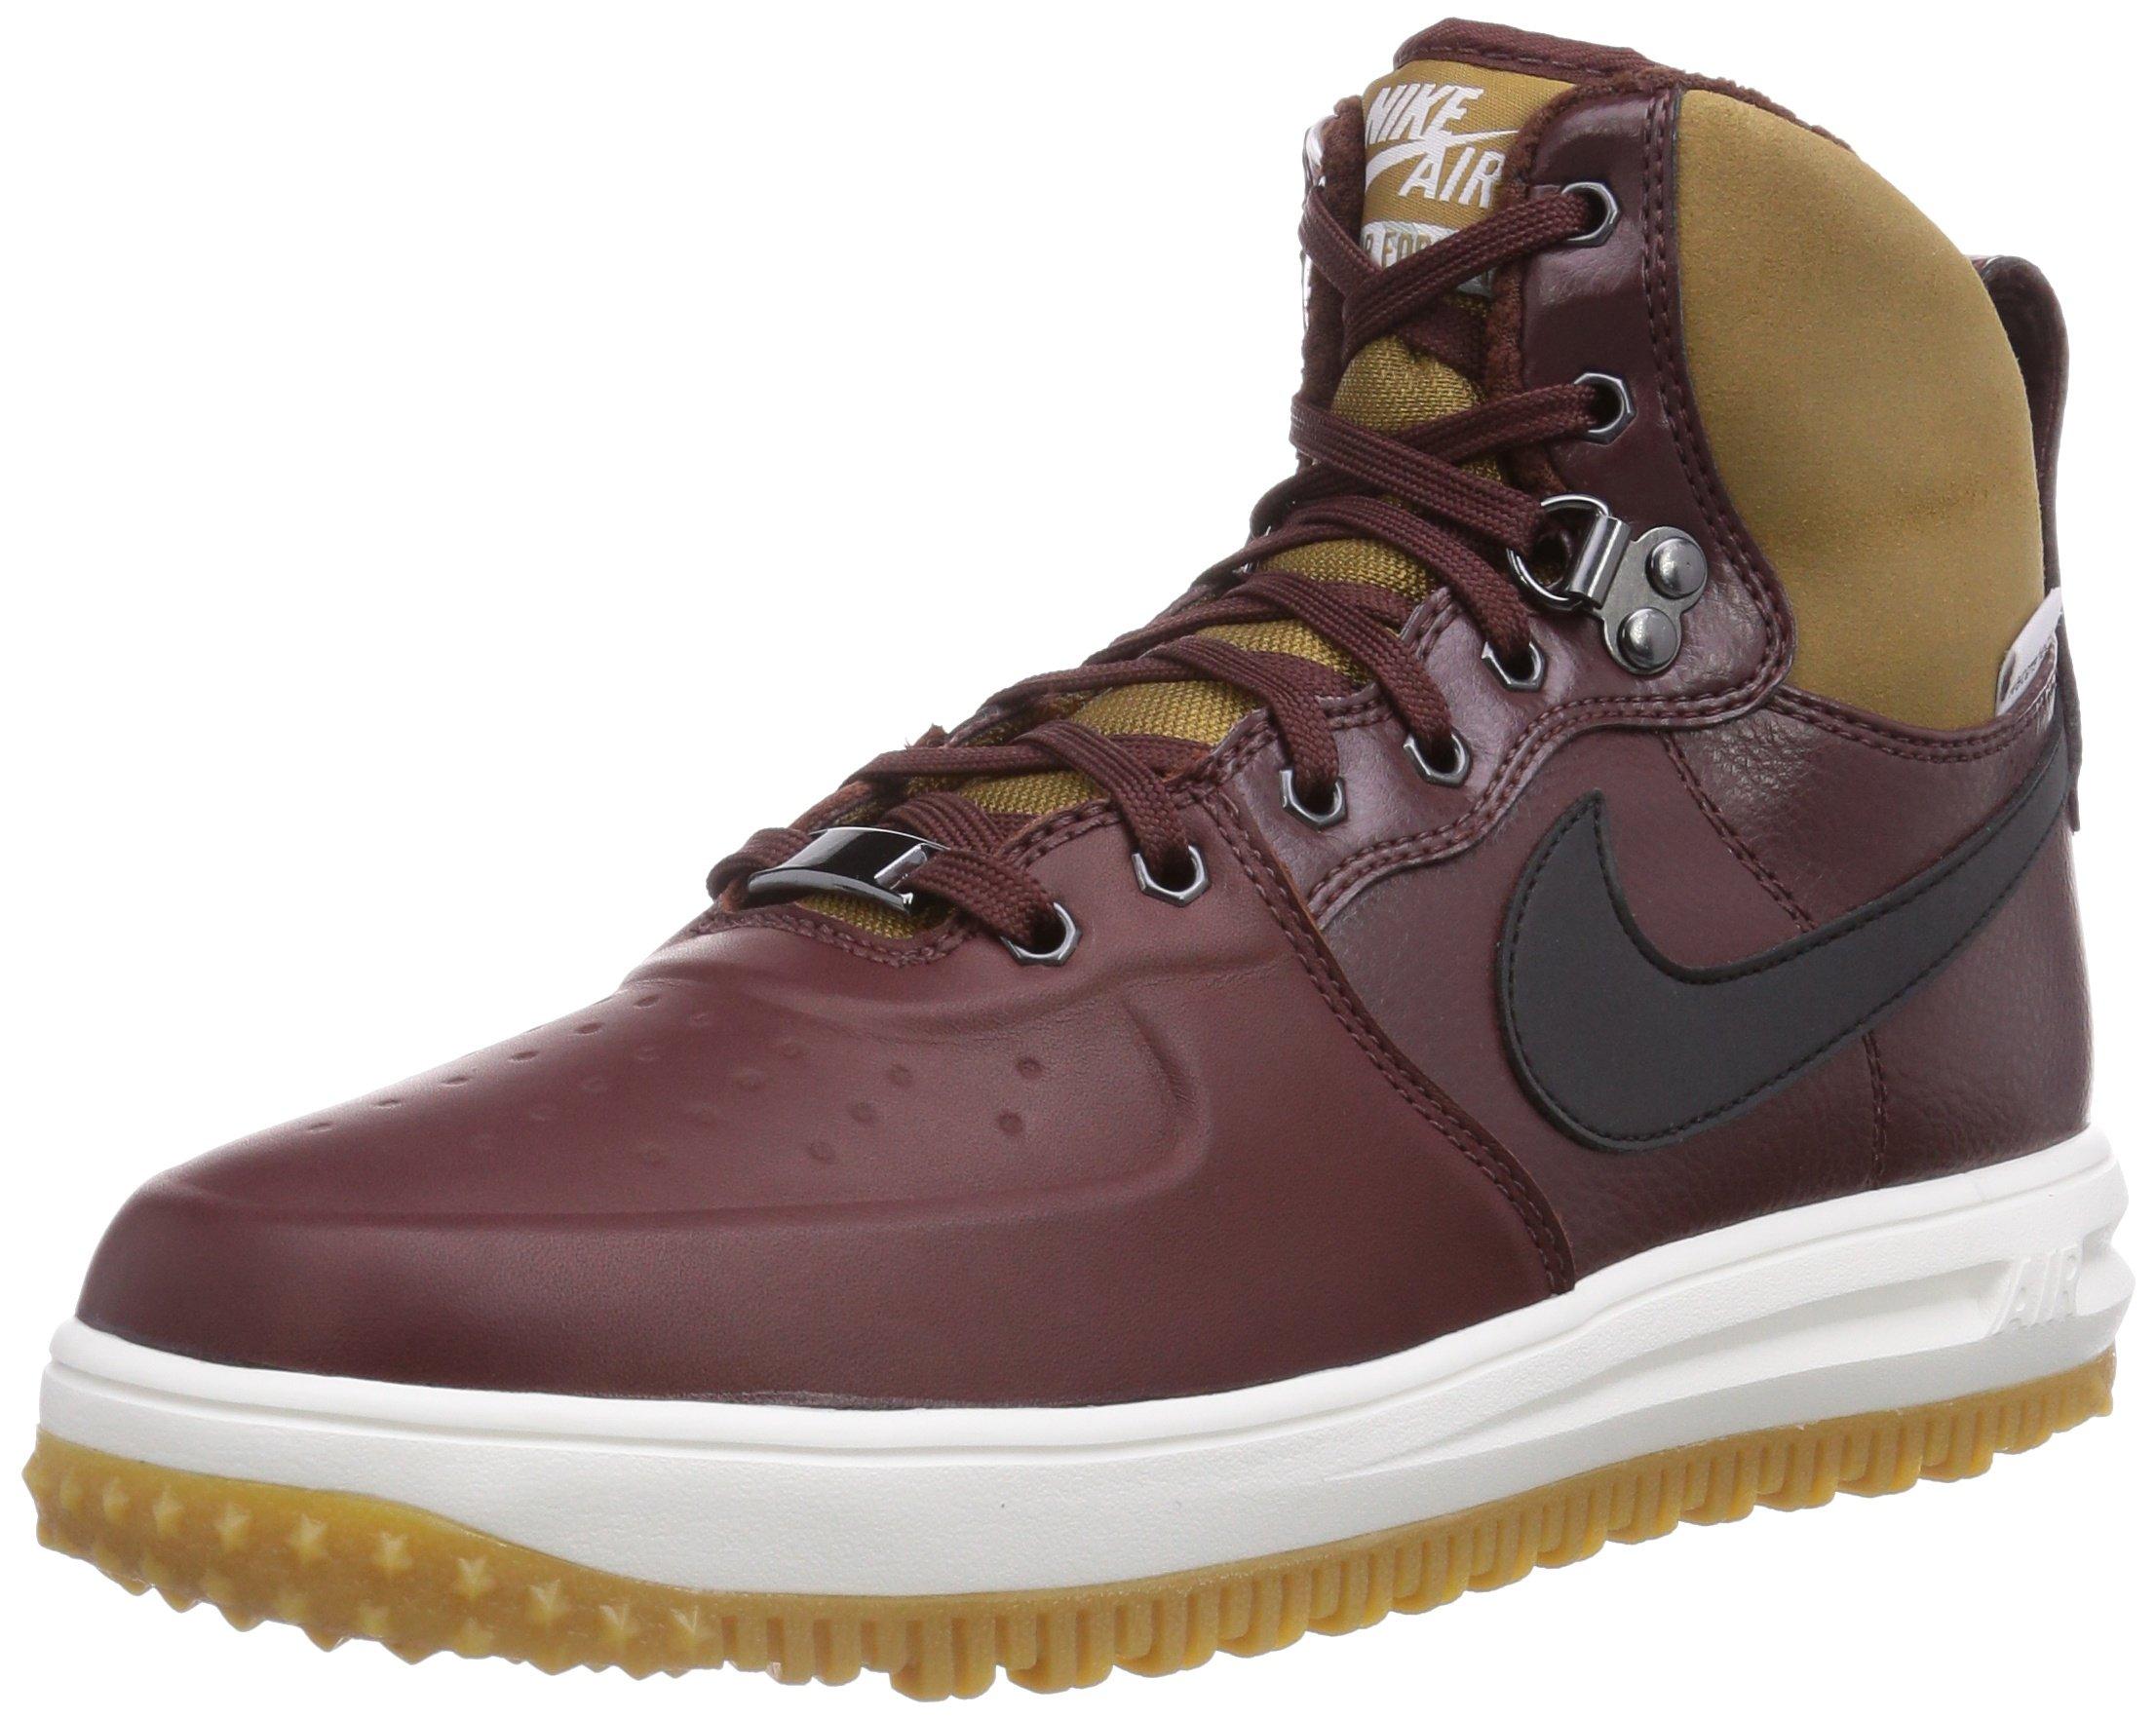 Nike Lunar Force 1 Men's Sneaker Boots